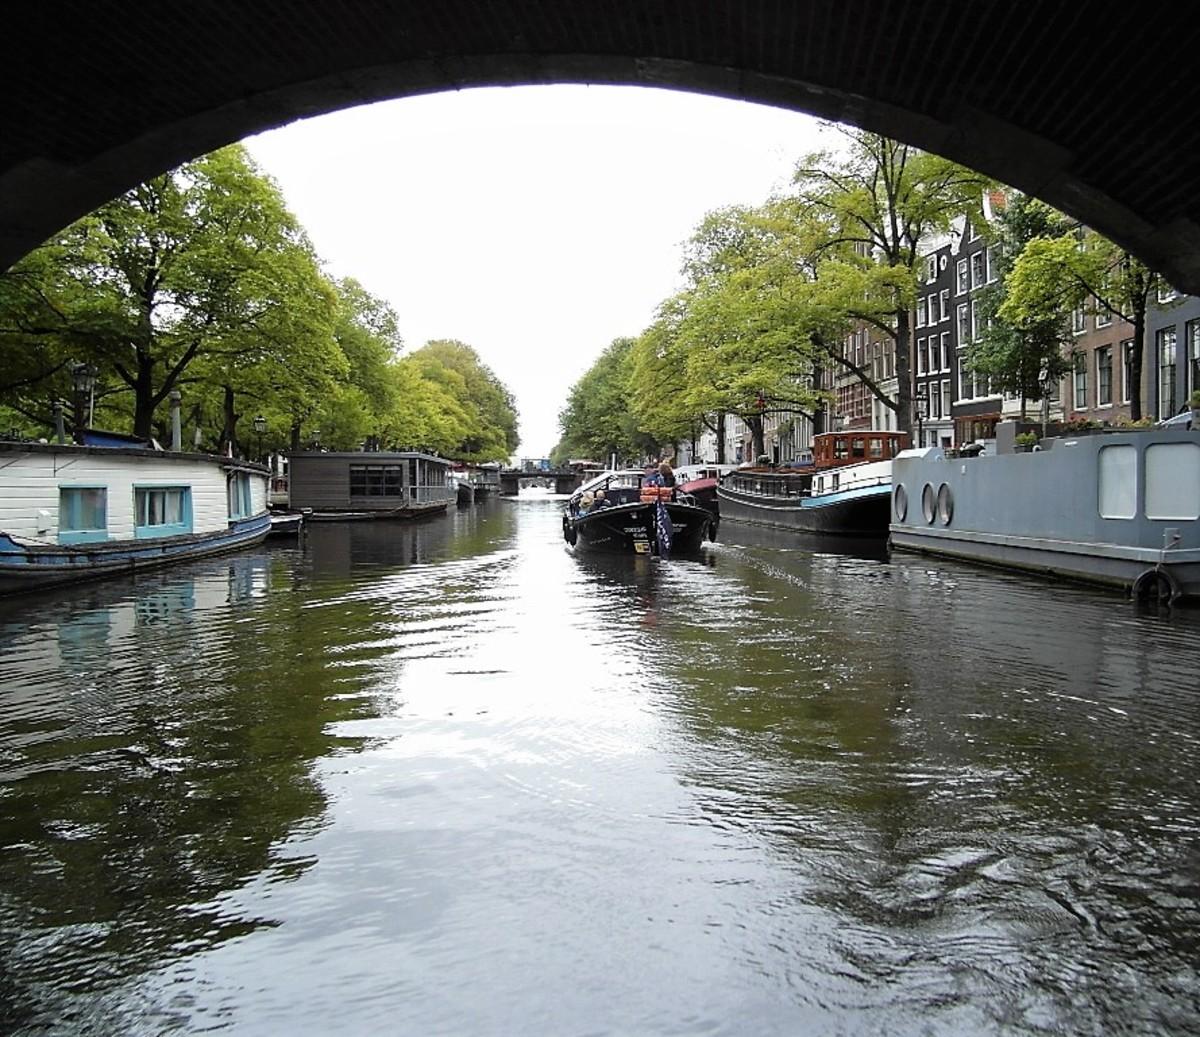 A quiet neighbourhood in Amsterdam.